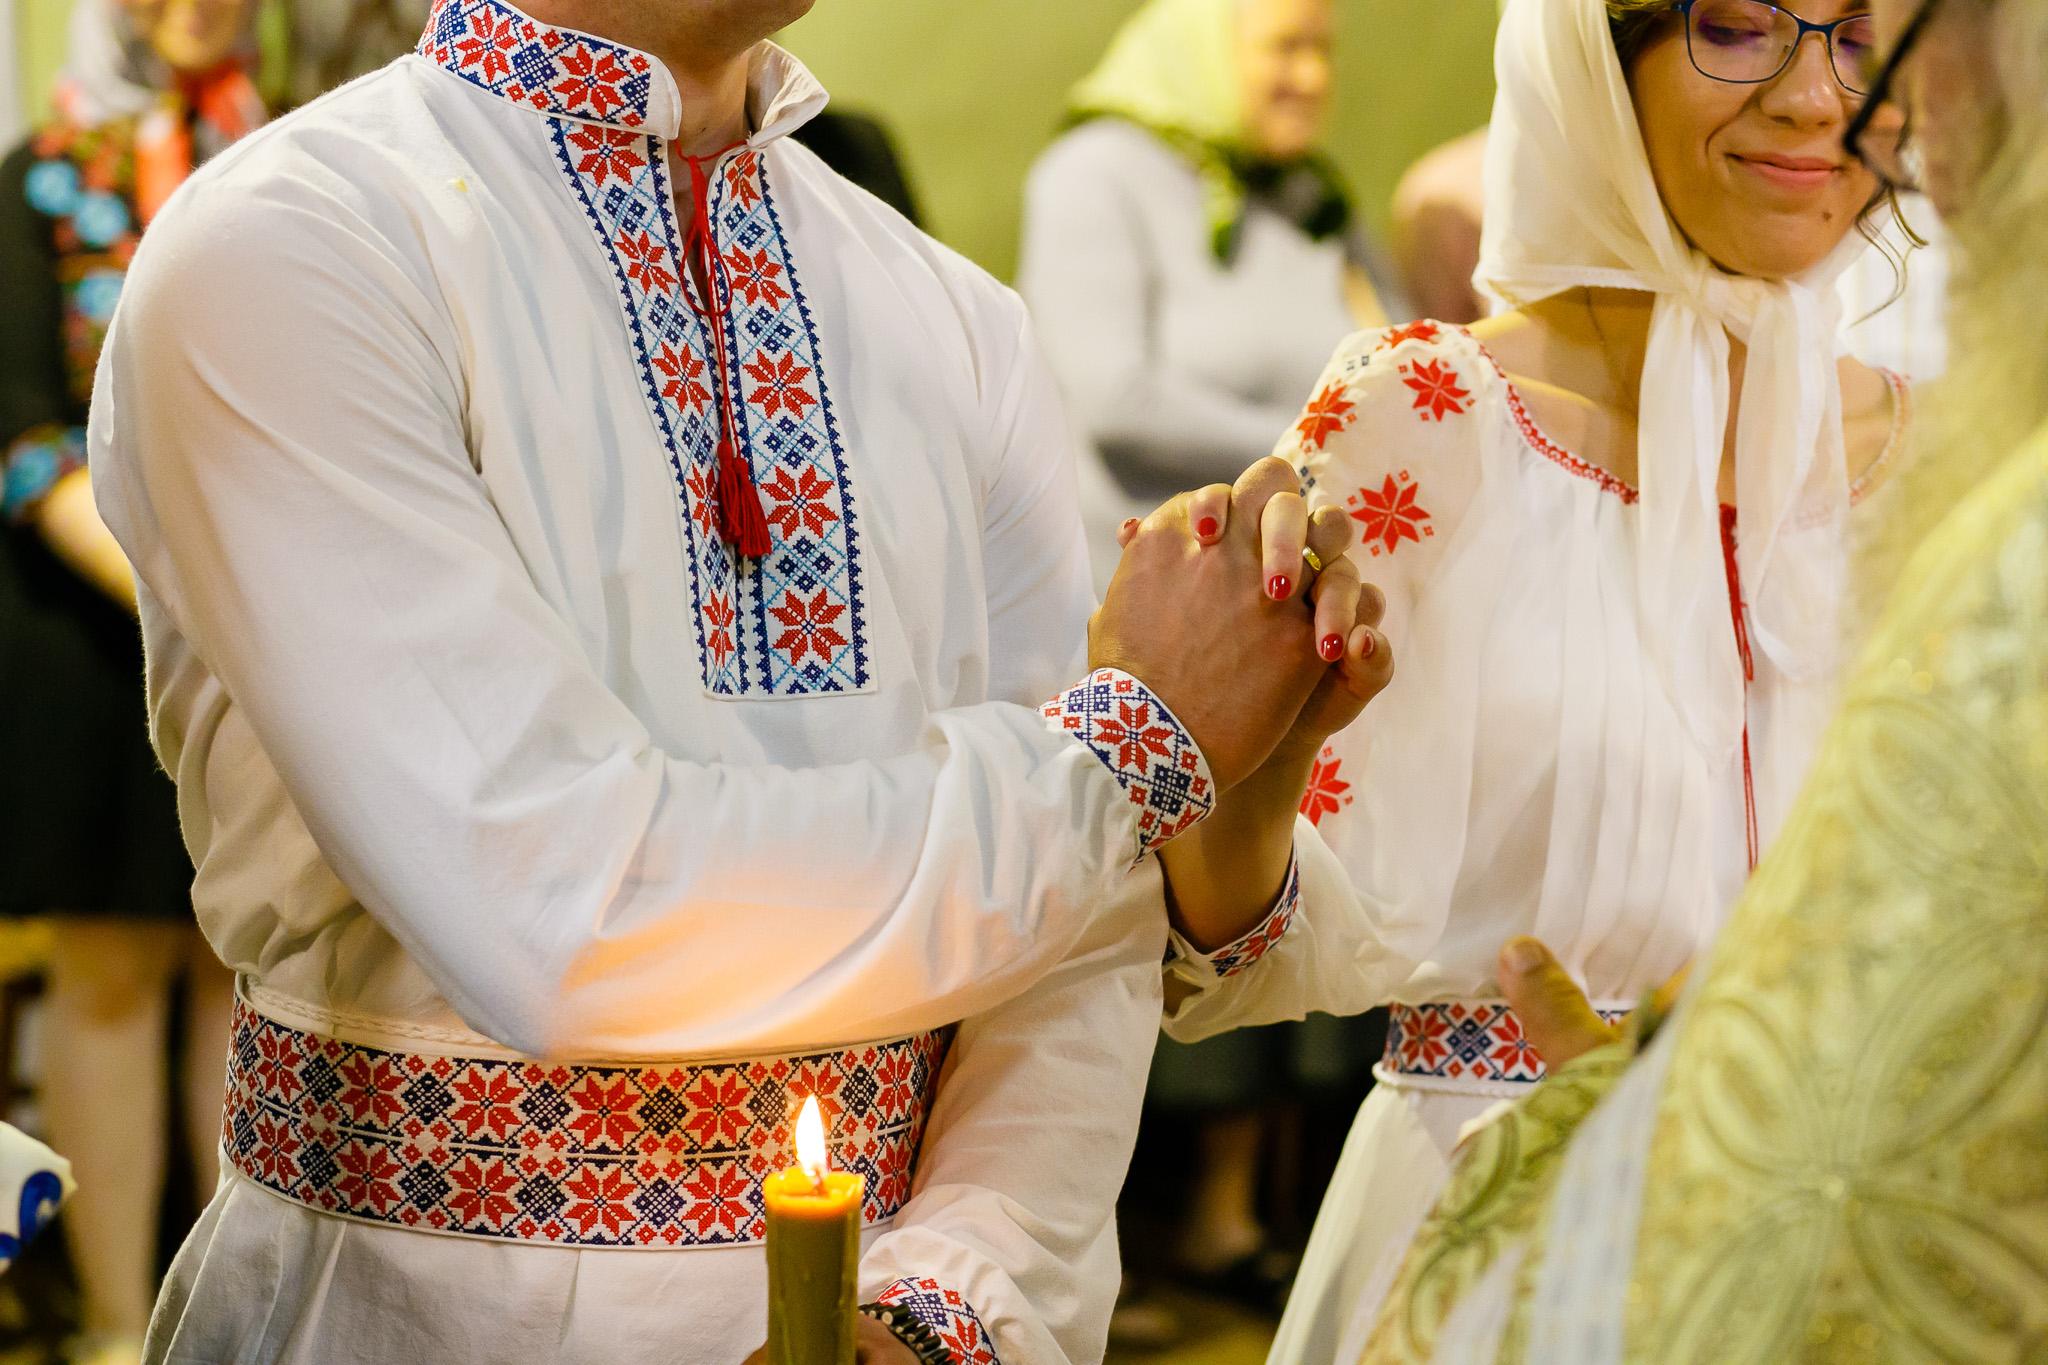 Nuntă tradițională Elisabeta și Alexandru fotograf profesionist nunta Iasi www.paulpadurariu.ro © 2018 Paul Padurariu fotograf de nunta Iasi cununia religioasa 4